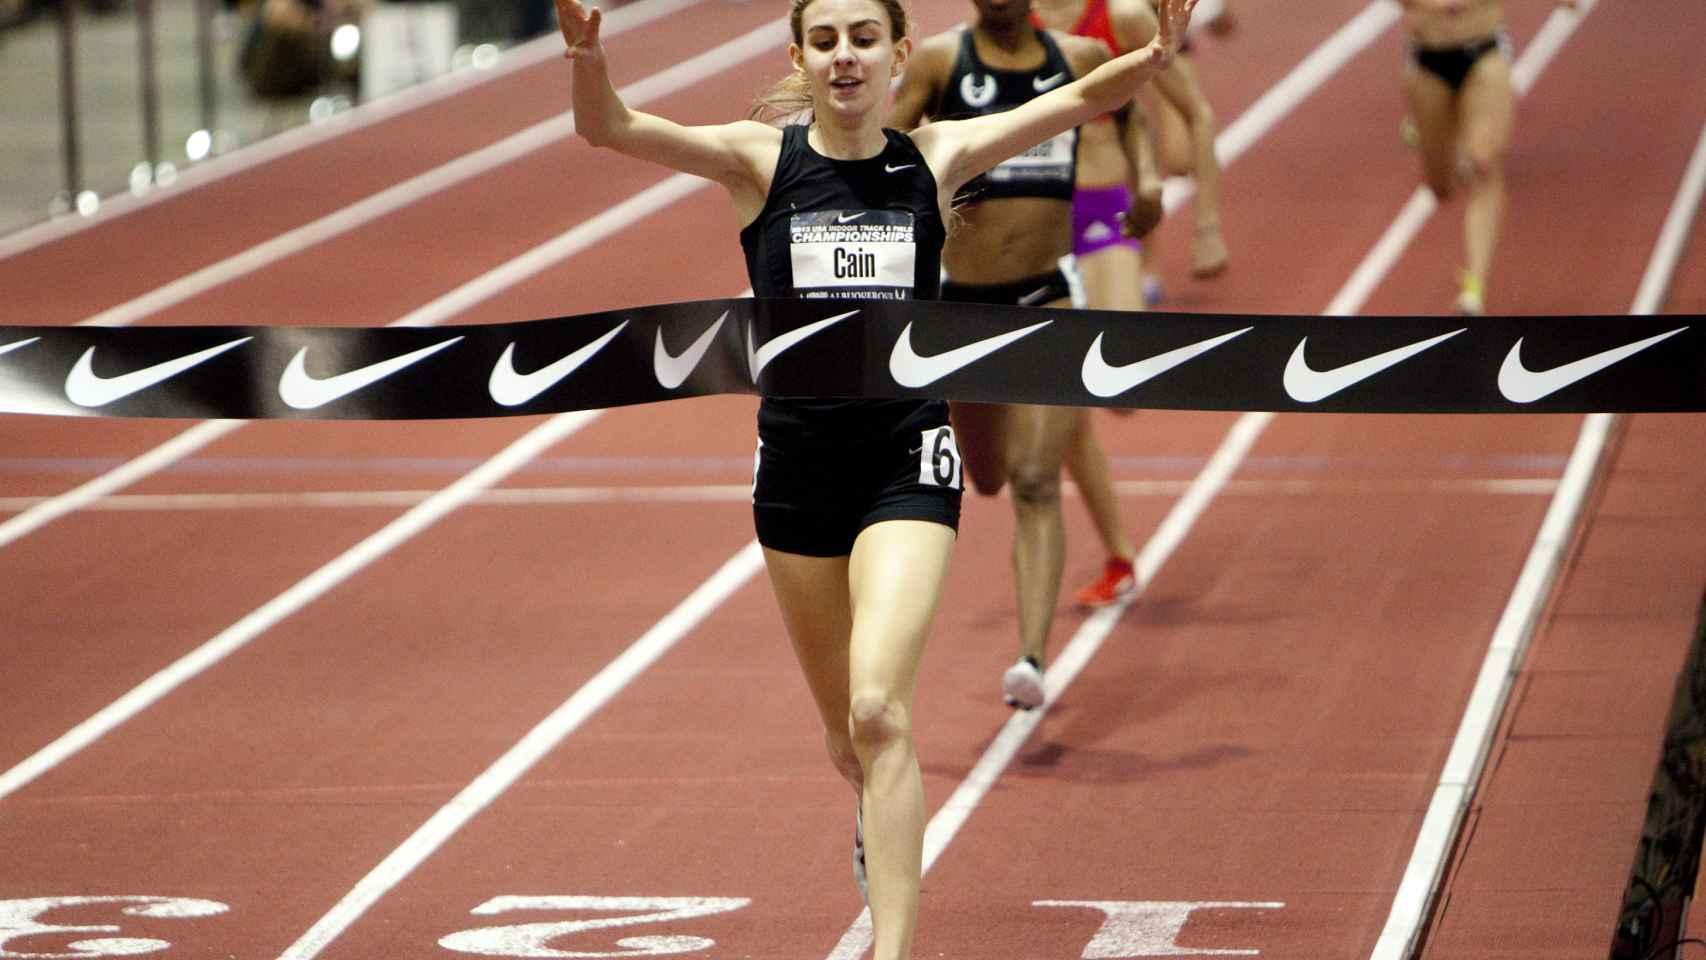 Mary Cain cruzando la meta con el logo de Nike